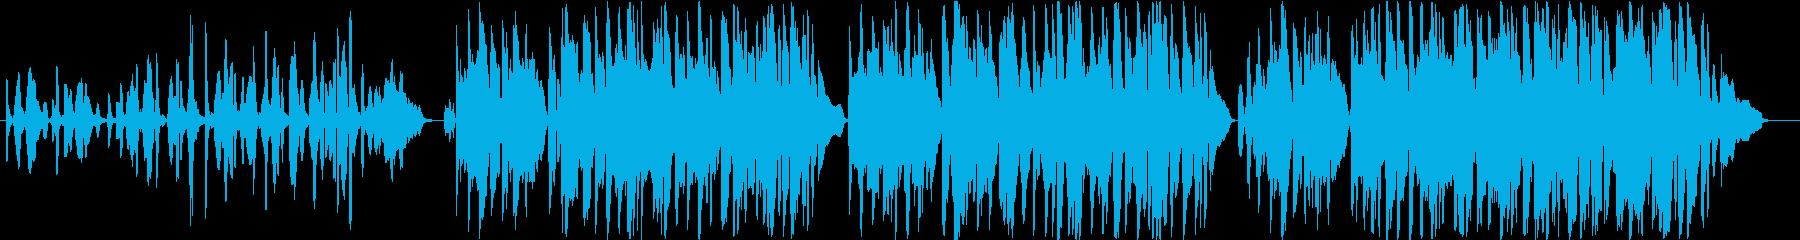 フランス・感傷的なアコーディオンのワルツの再生済みの波形